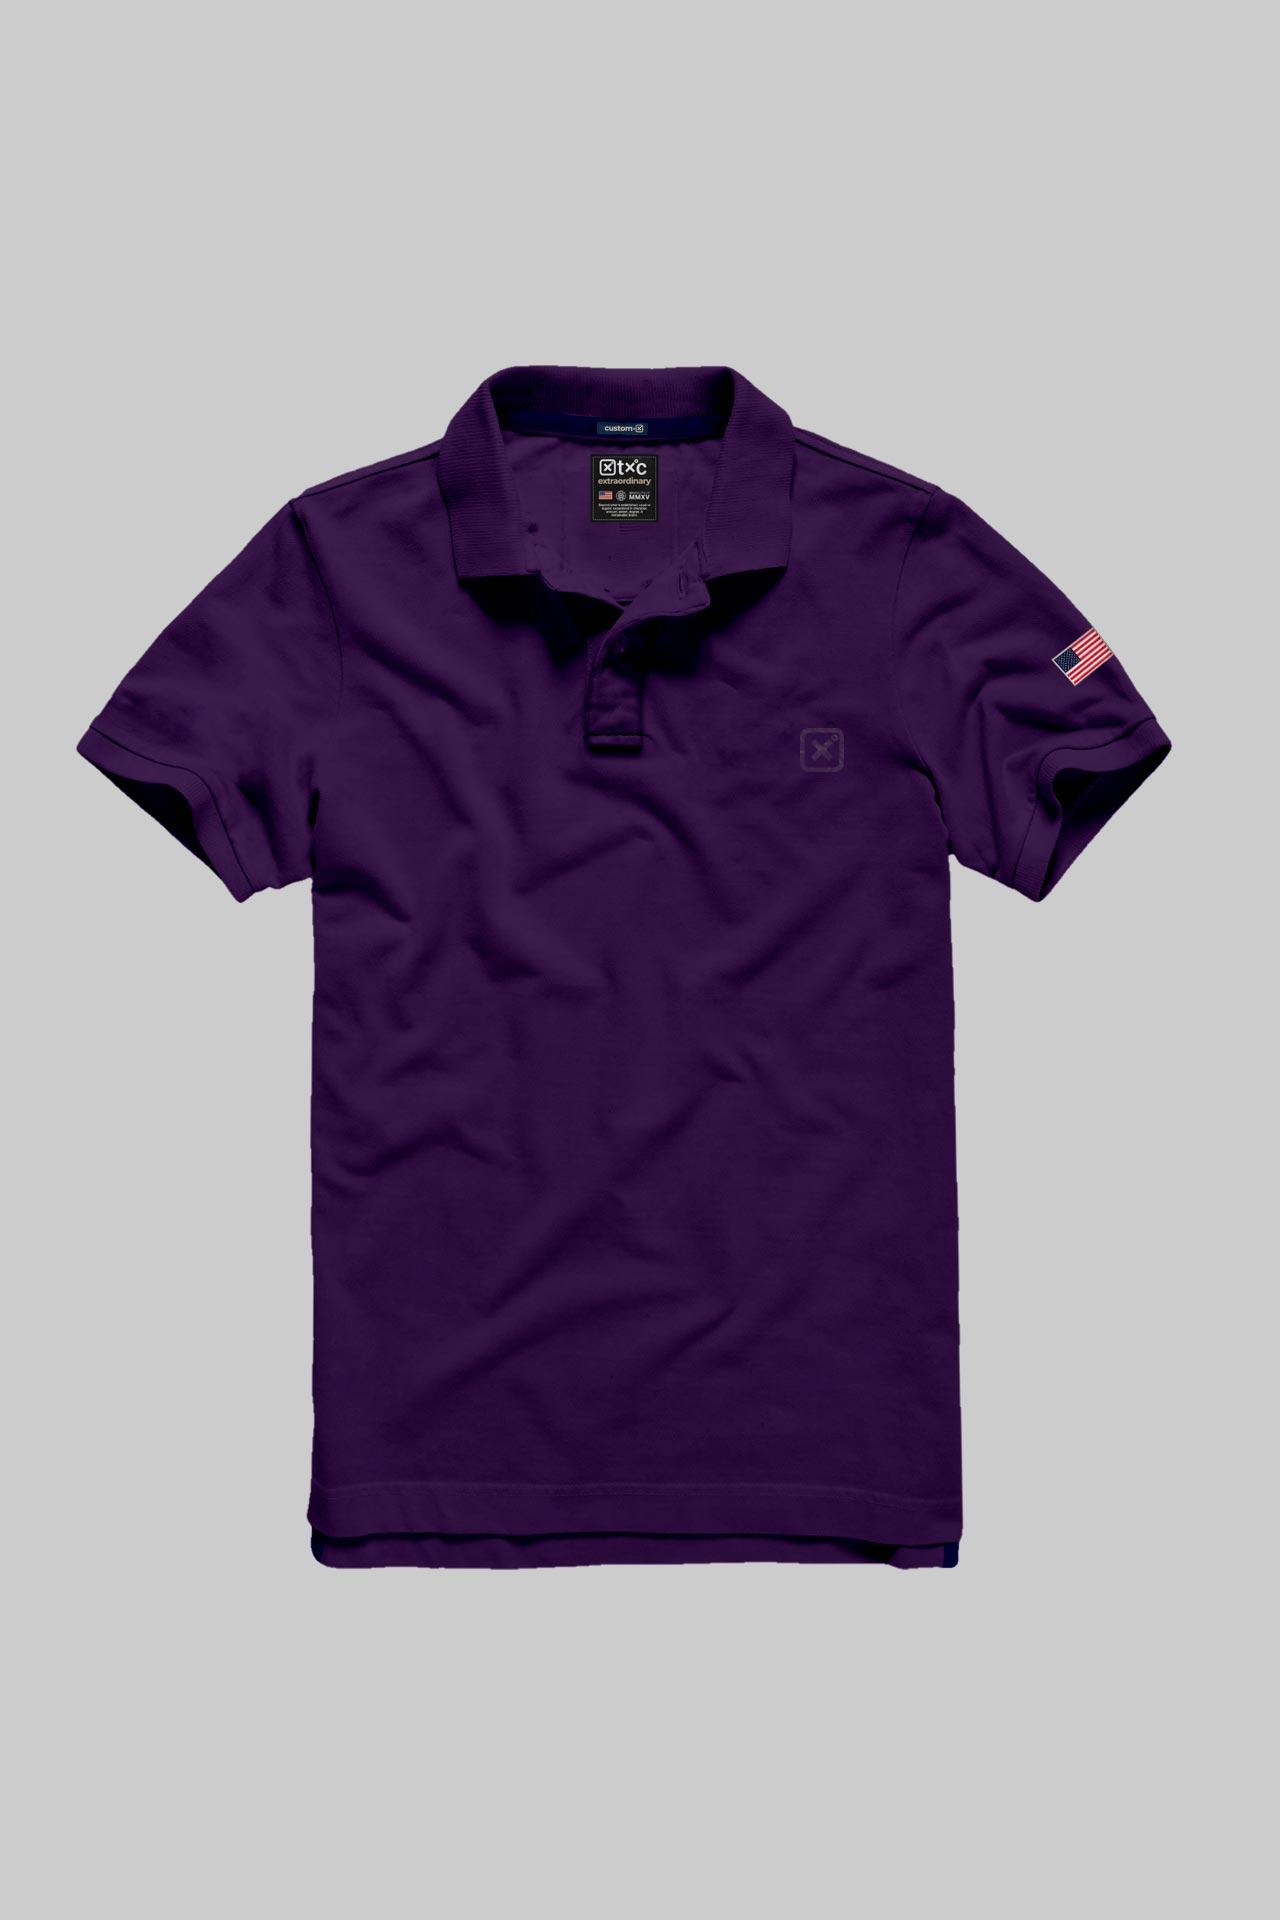 Polo TXC Brand 6358